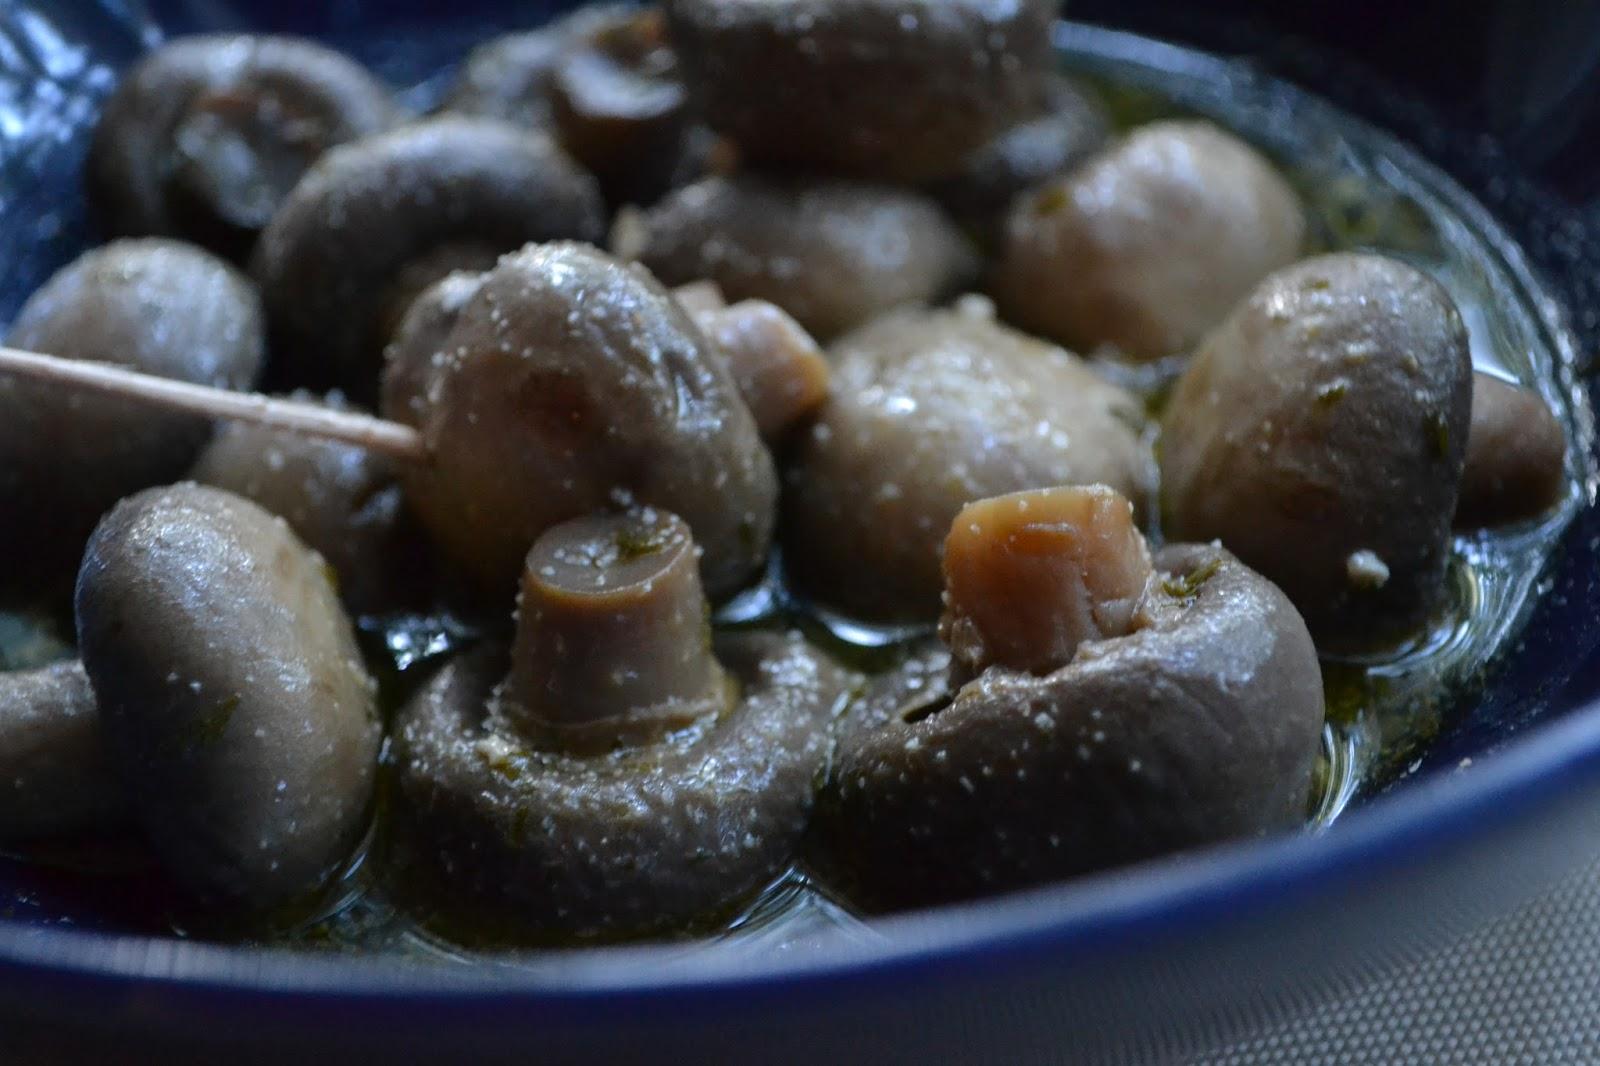 Marinated mushrooms - tasty and healthy mushrooms